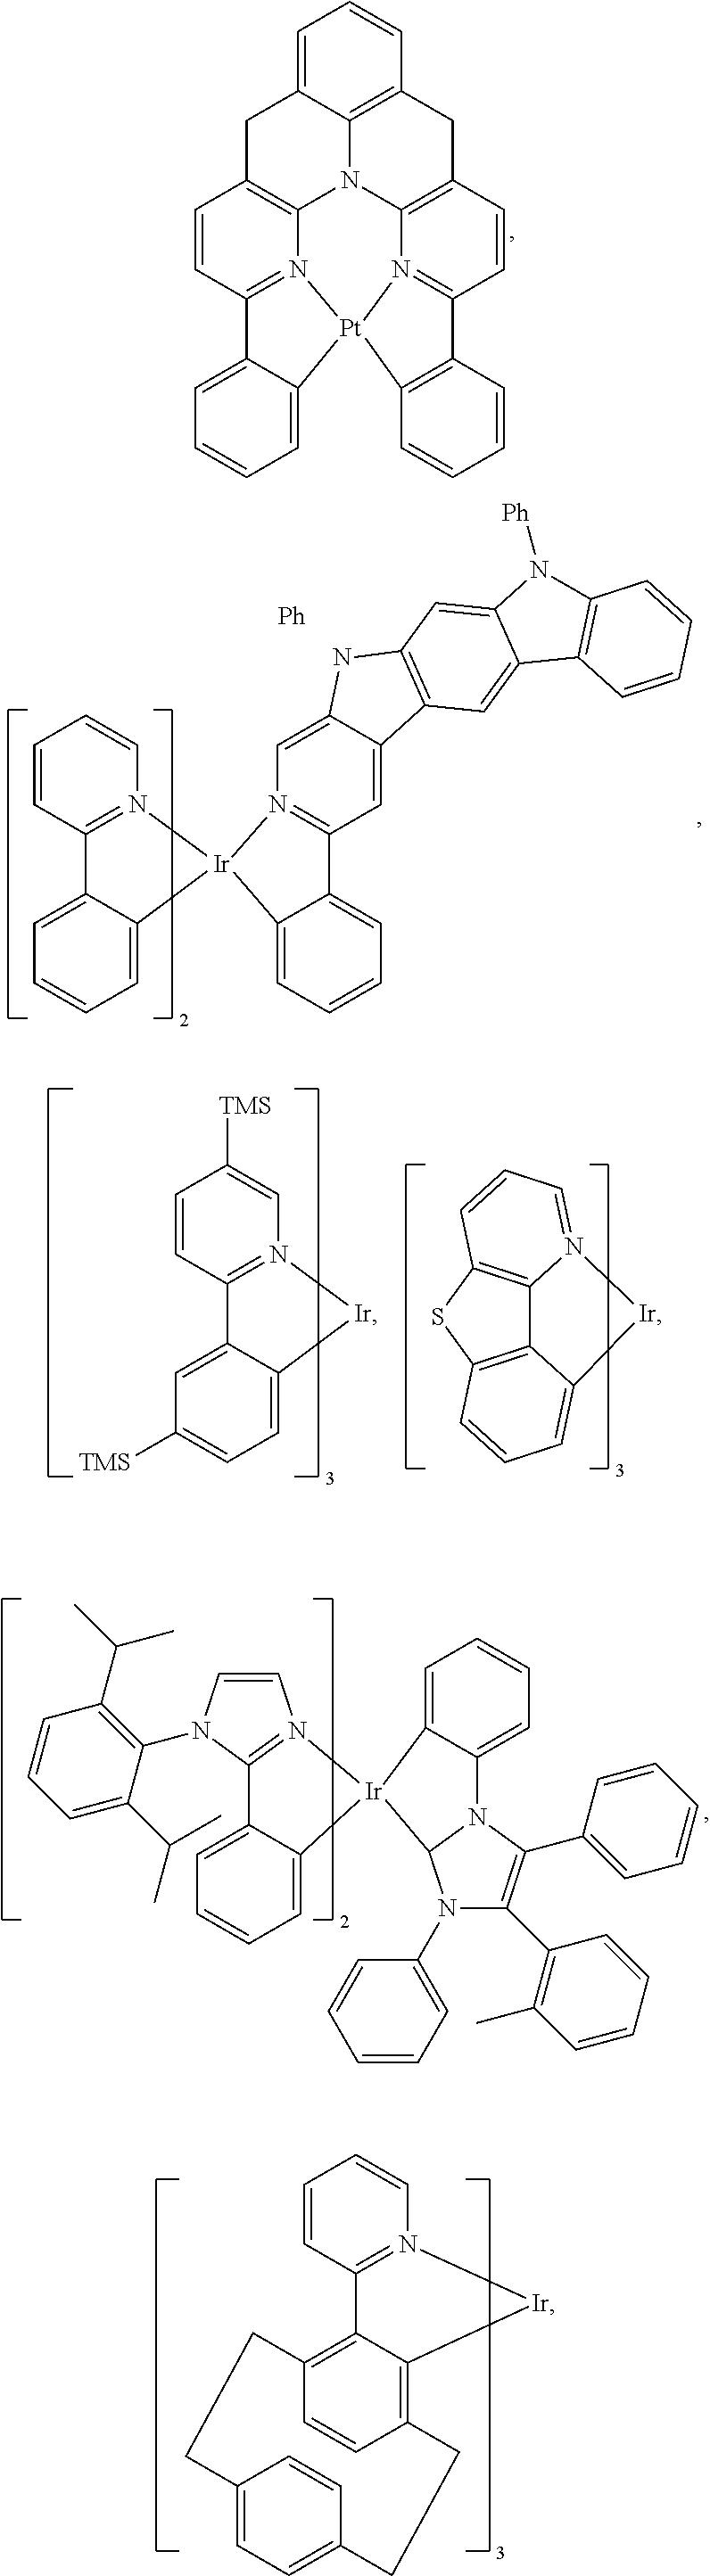 Figure US09978956-20180522-C00086